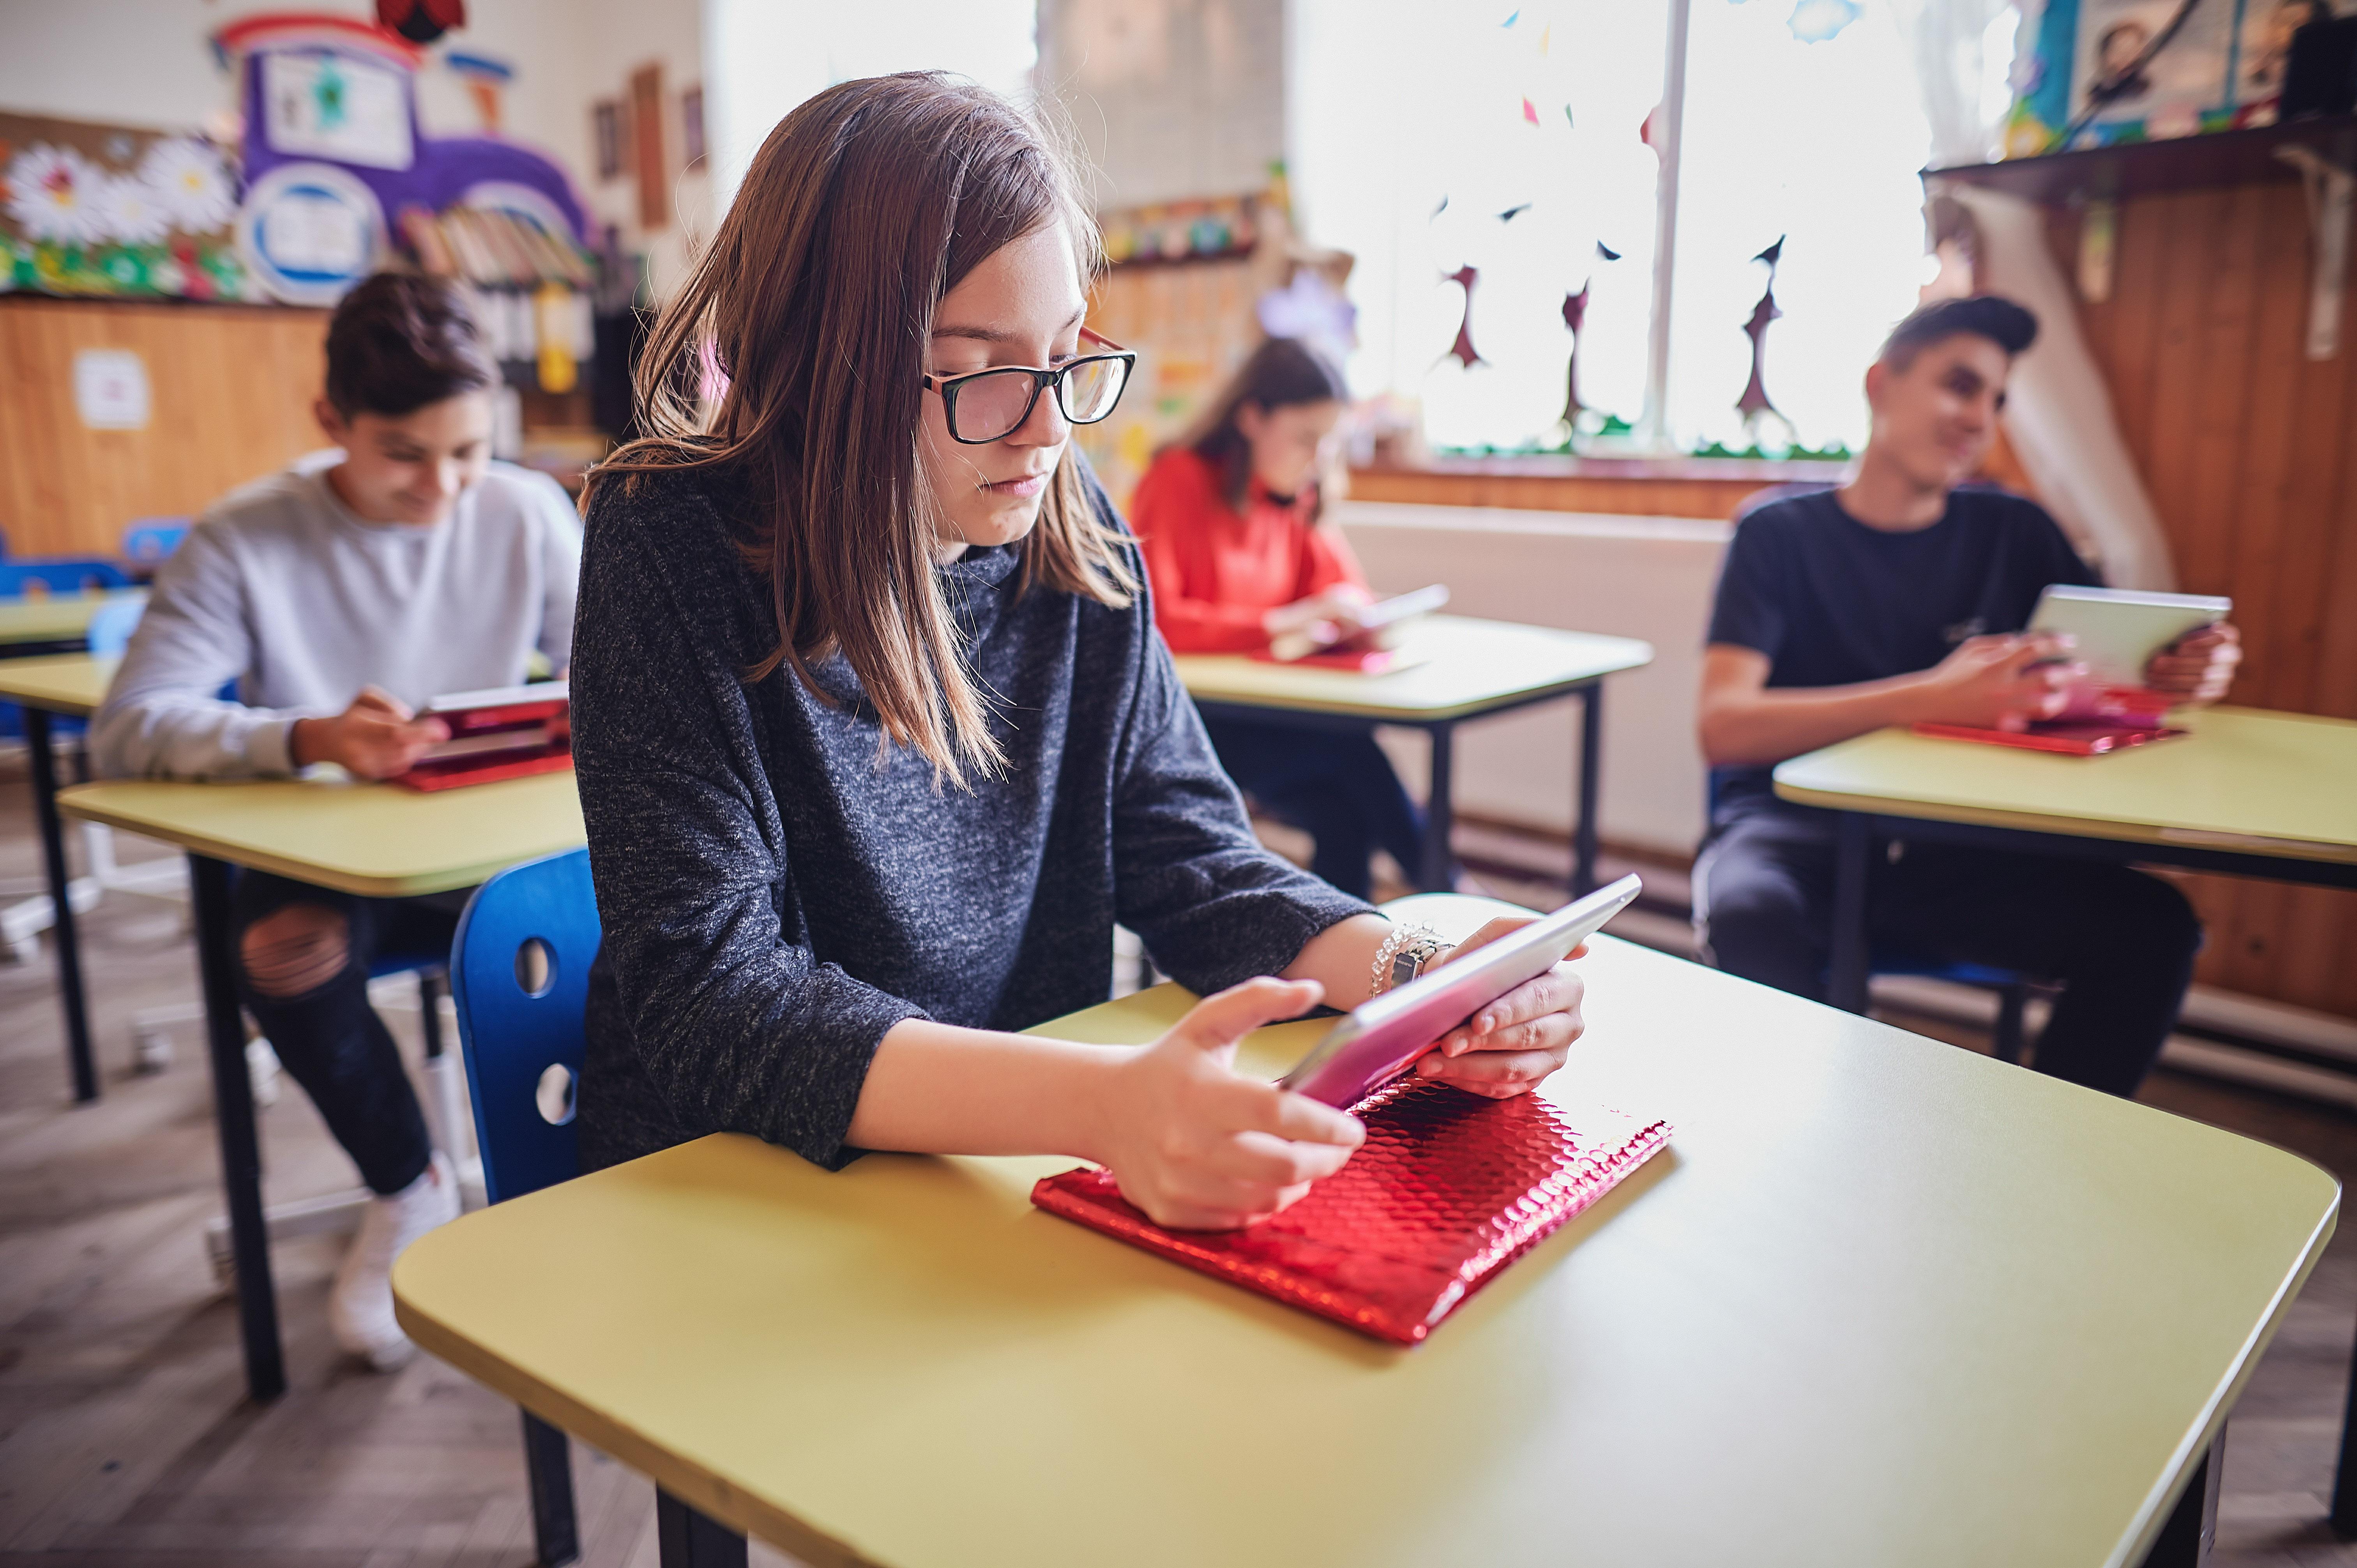 Digitalizarea, soluţie pentru elevi în perioada carantinei: Un proiect al World Vision România aduce elevii din mediul rural la ore online zilele următoare